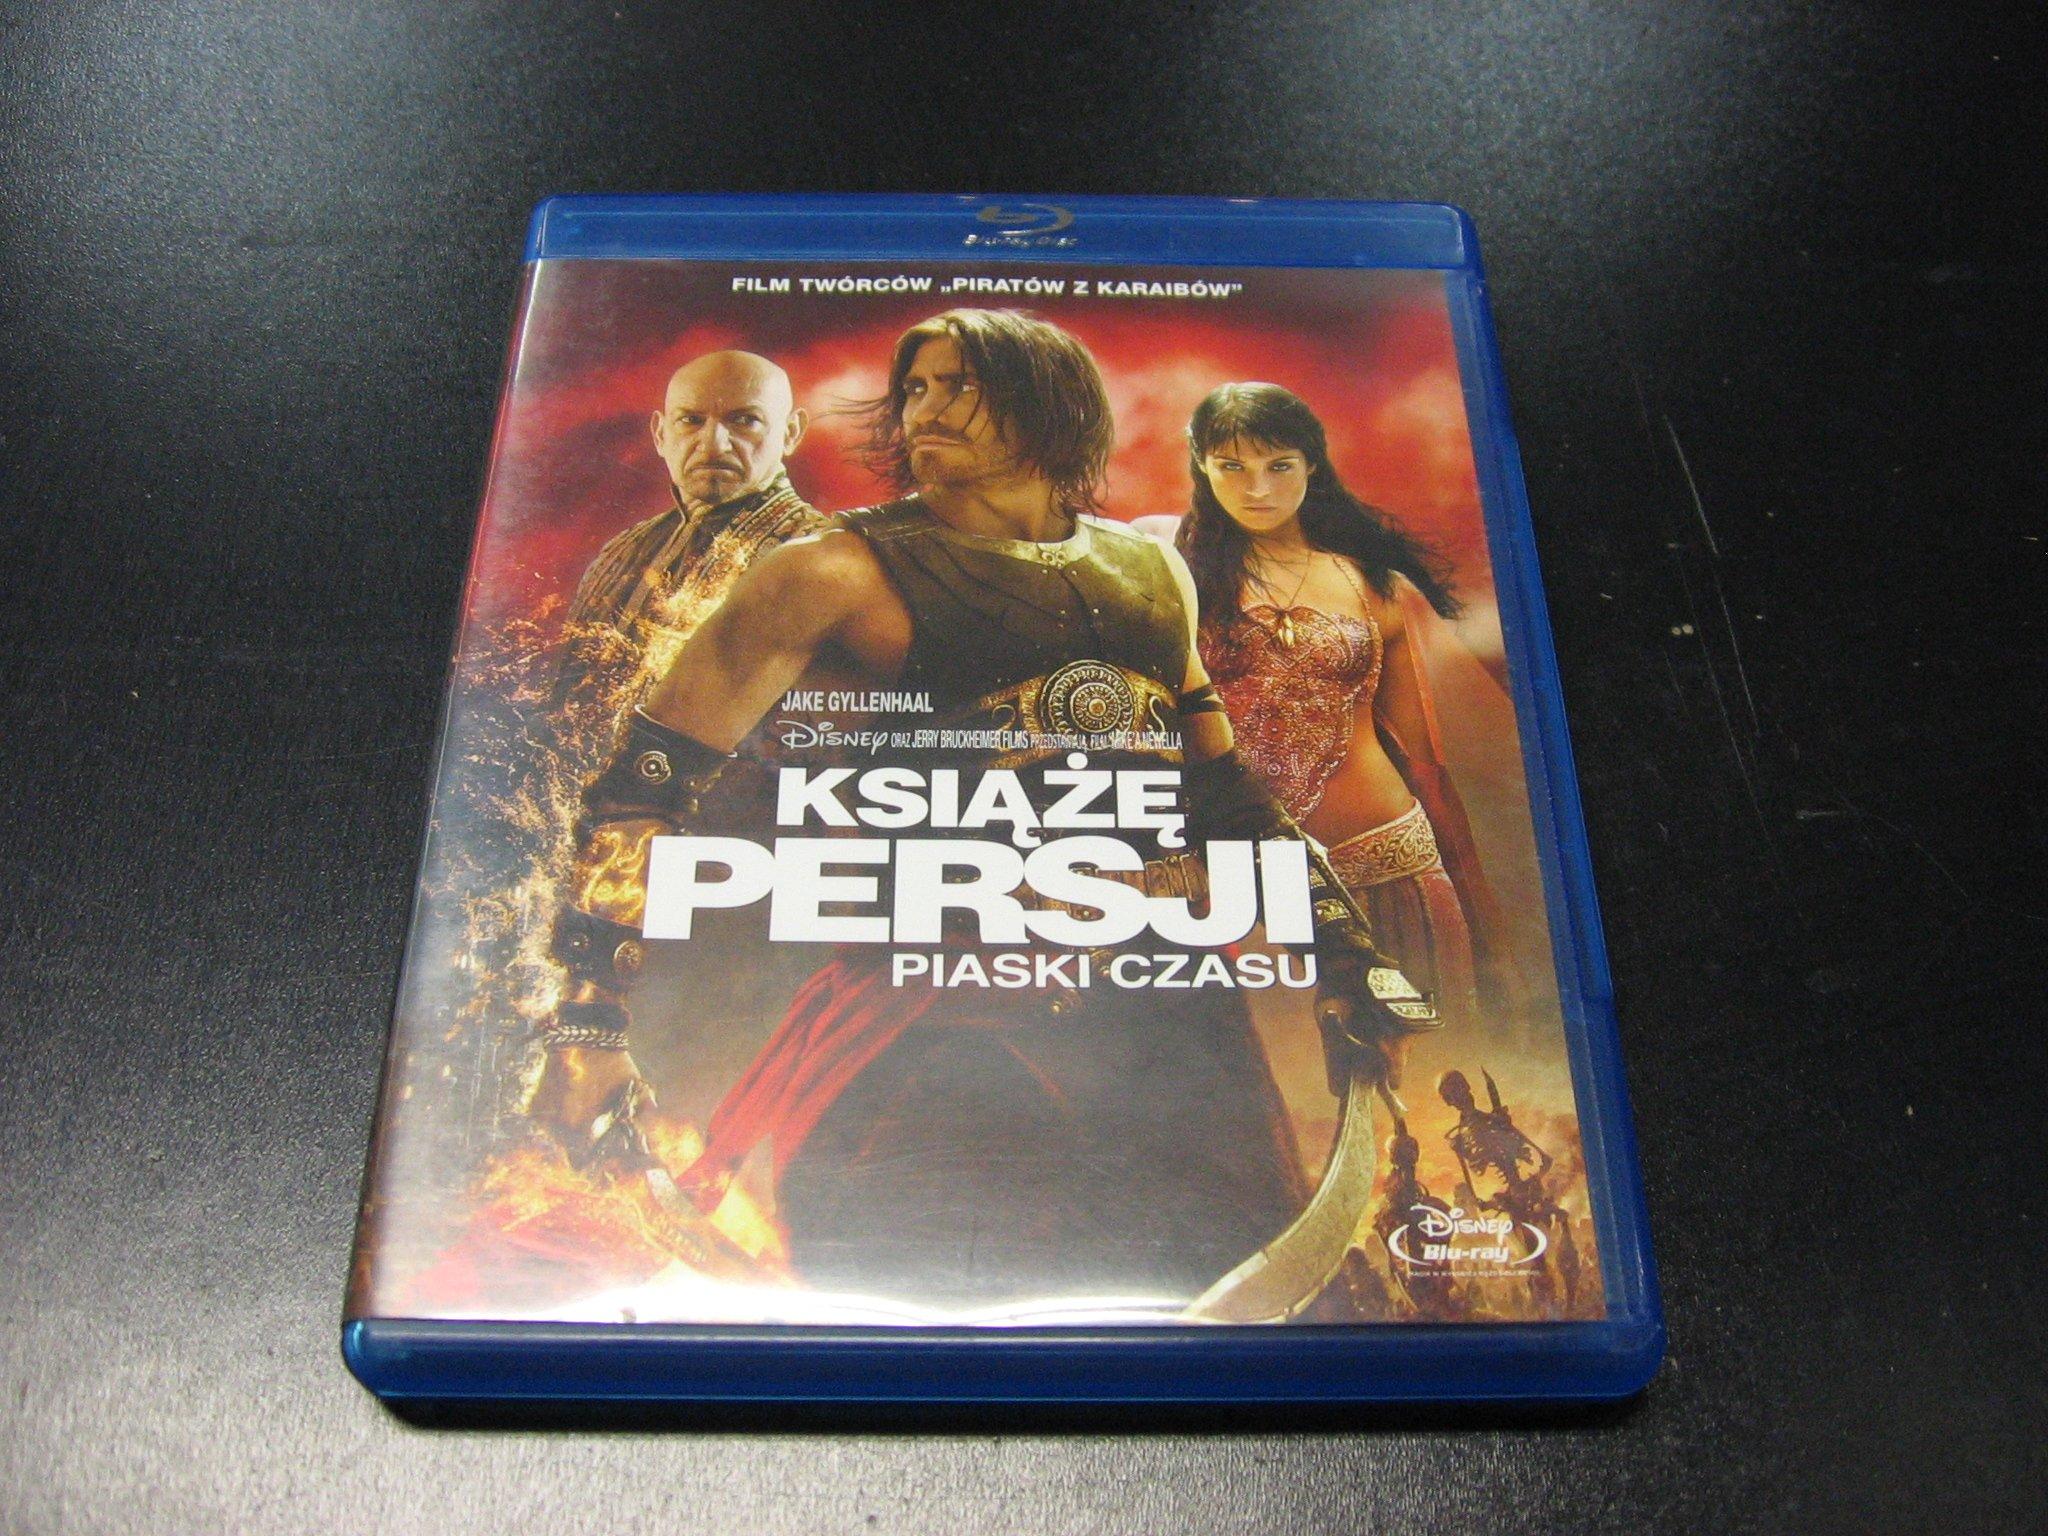 KSIĘŻĘ PERSJI PIASKI CZASU 041 `````````` Blu-rey ```````````` Opole